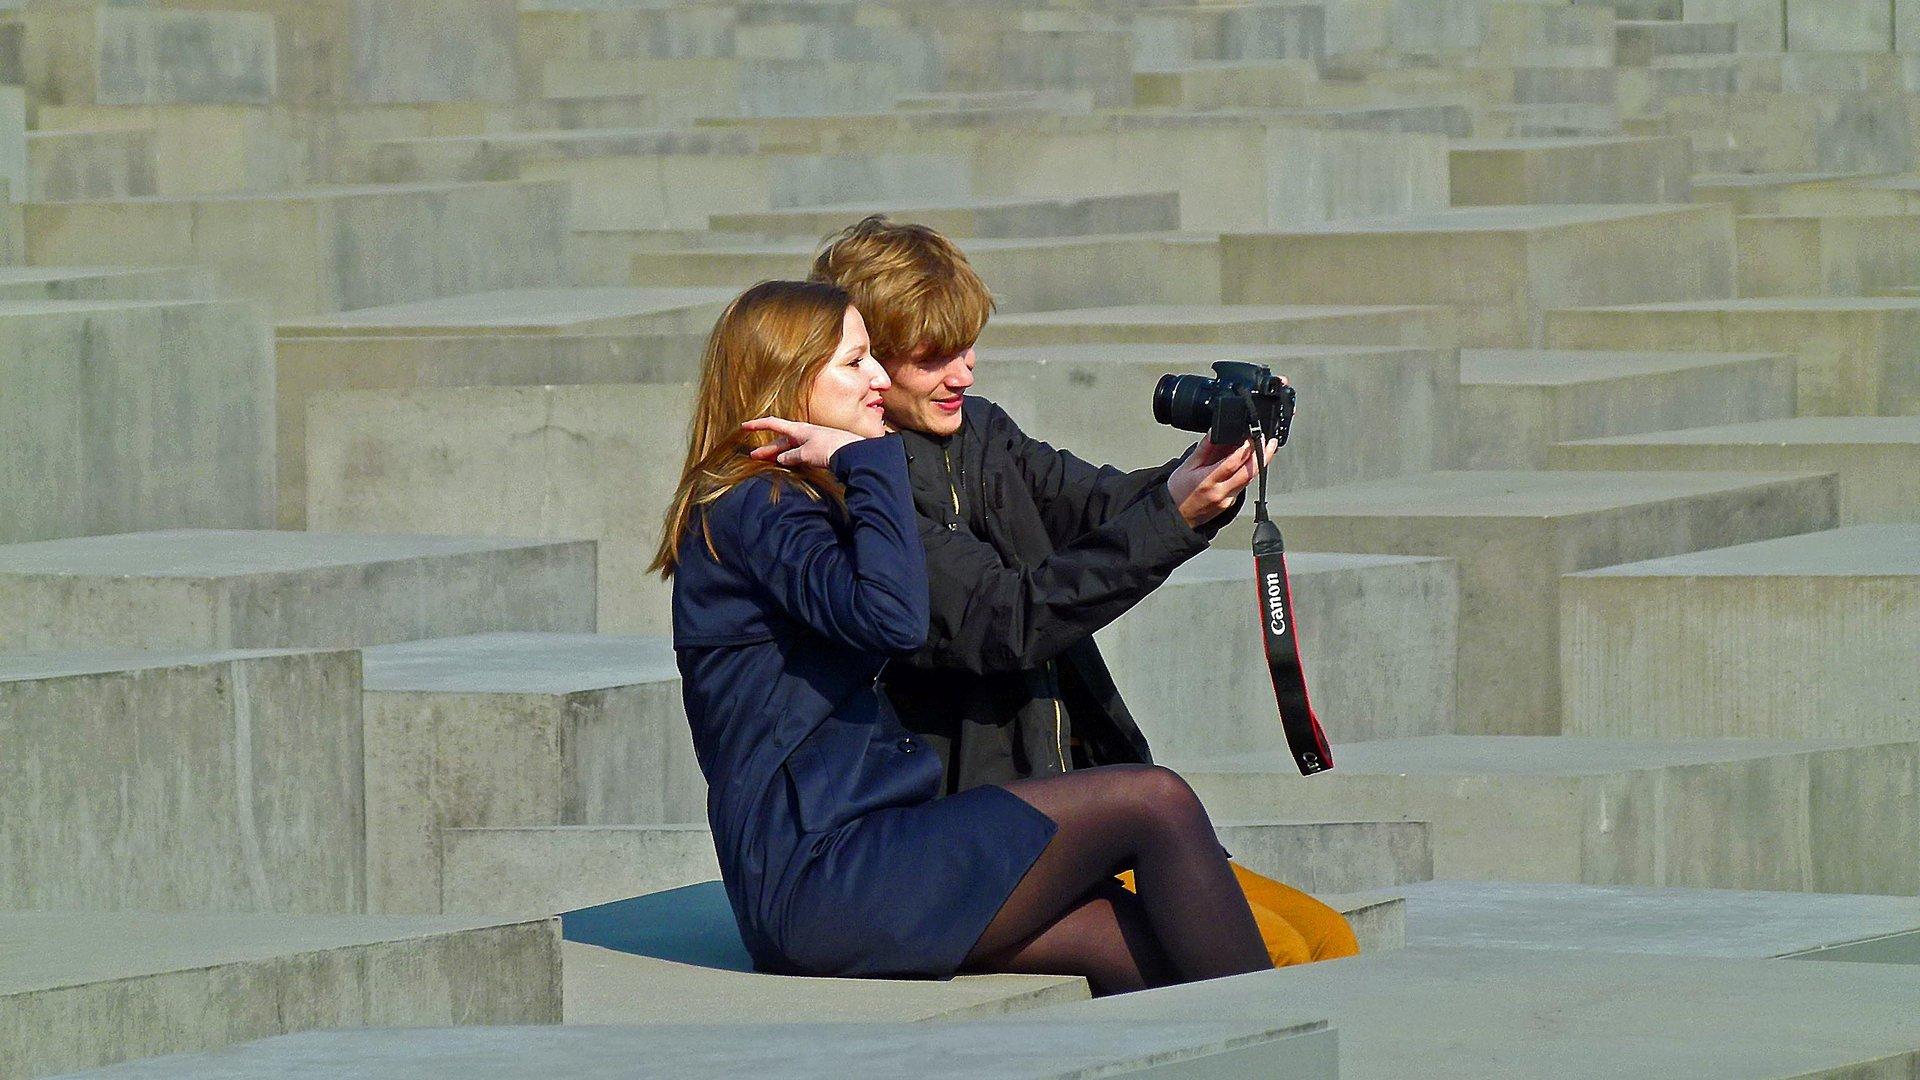 Das Wir-in-Berlin-Selfie